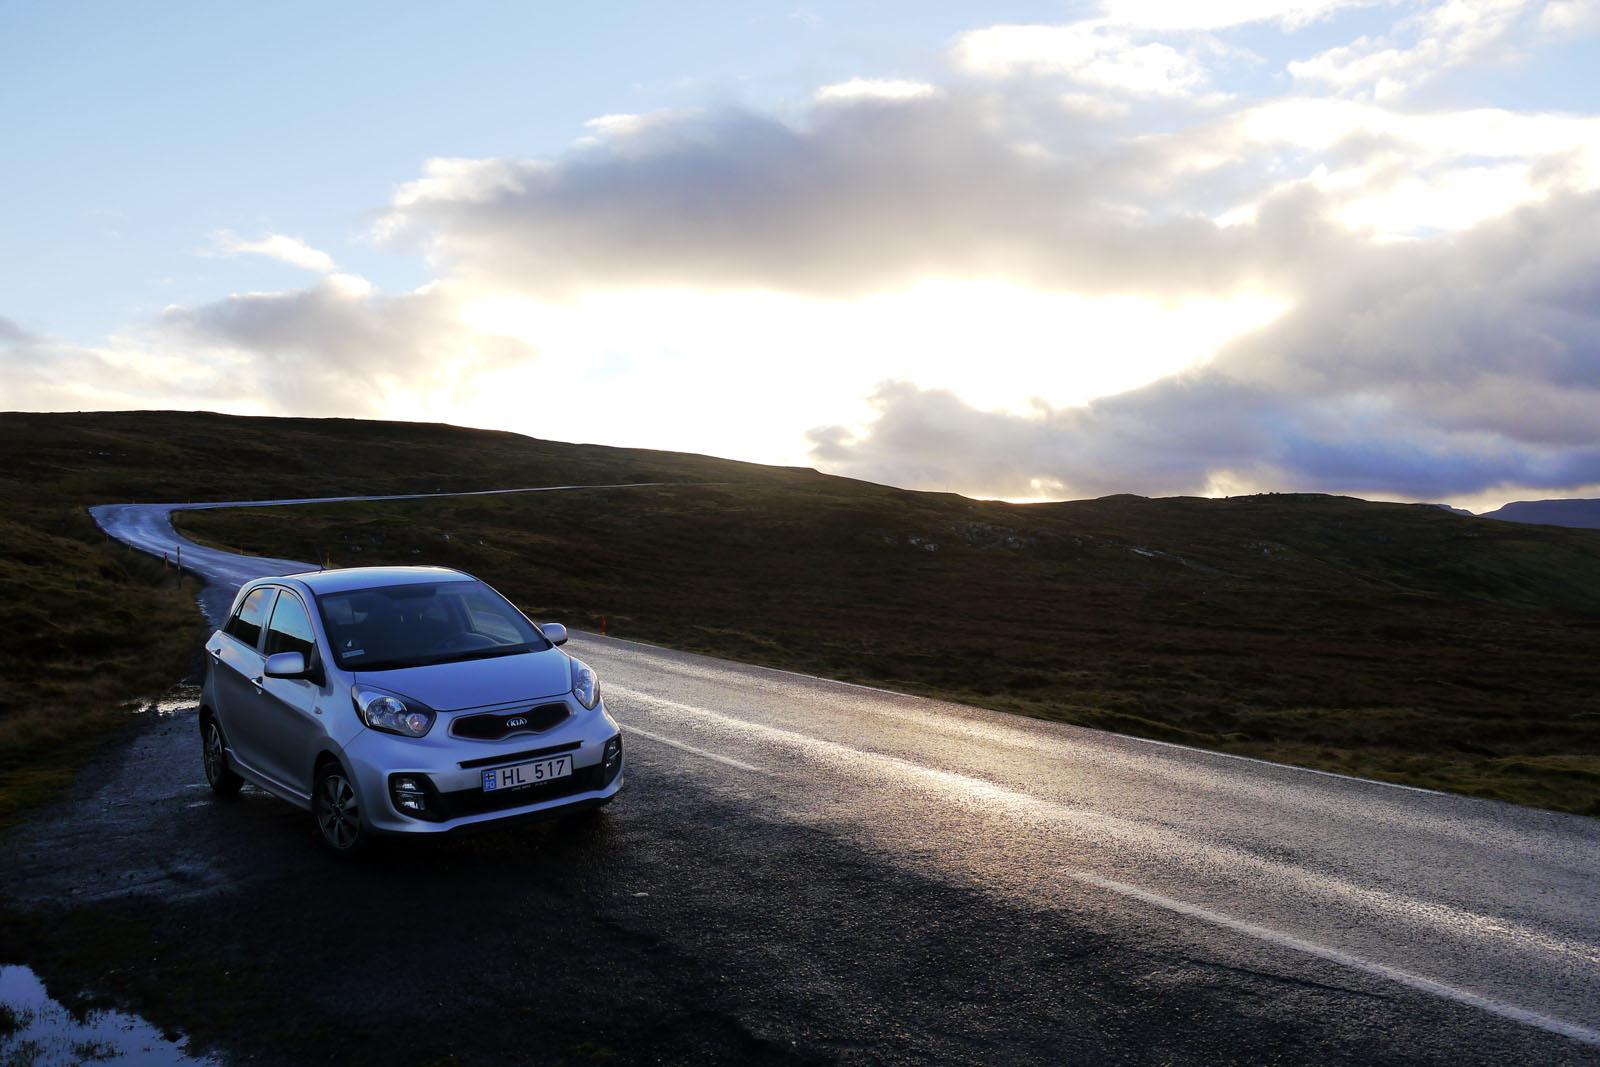 Faroer Inseln-Berge-Auto-Sonnenschein